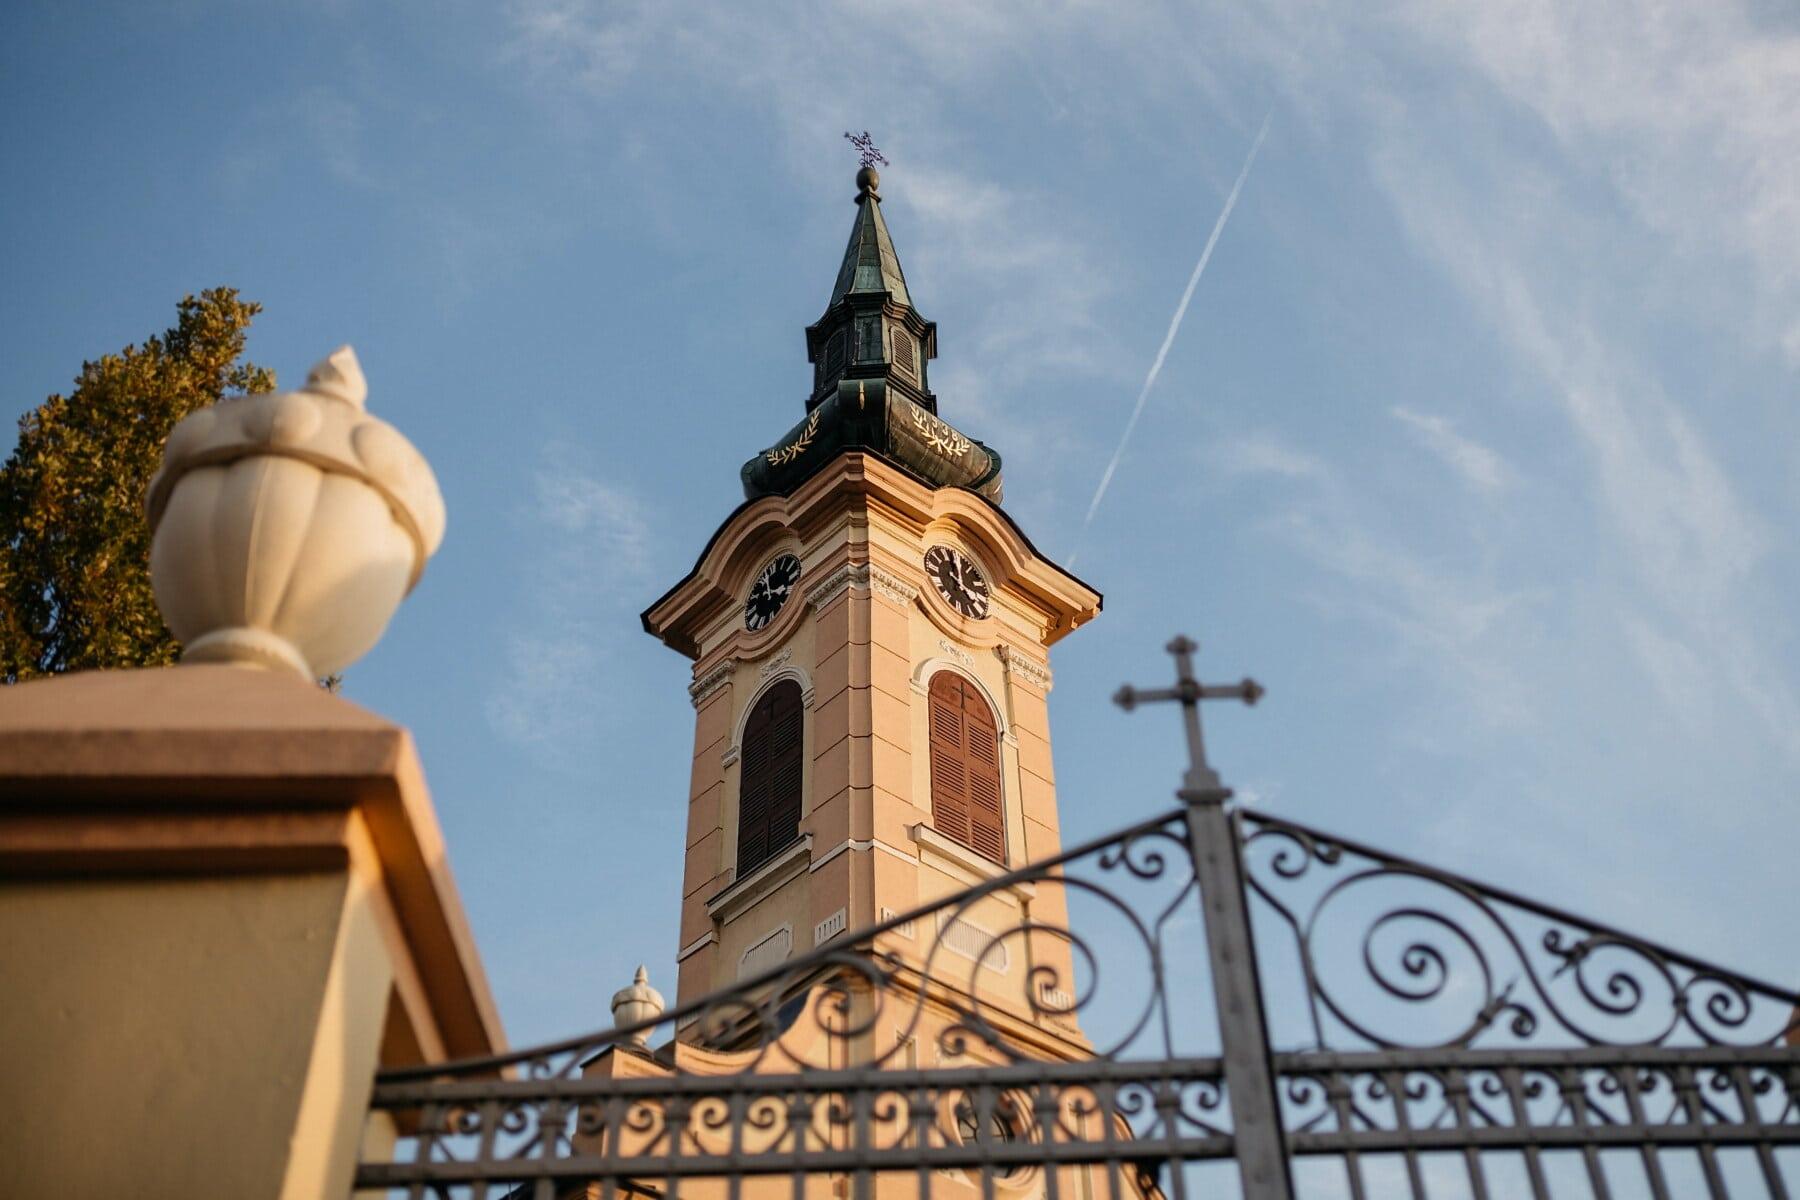 kirketårnet, høy, gjerdet, gateway, støpejern, torget, vinkel, hjørne, tårnet, gamle